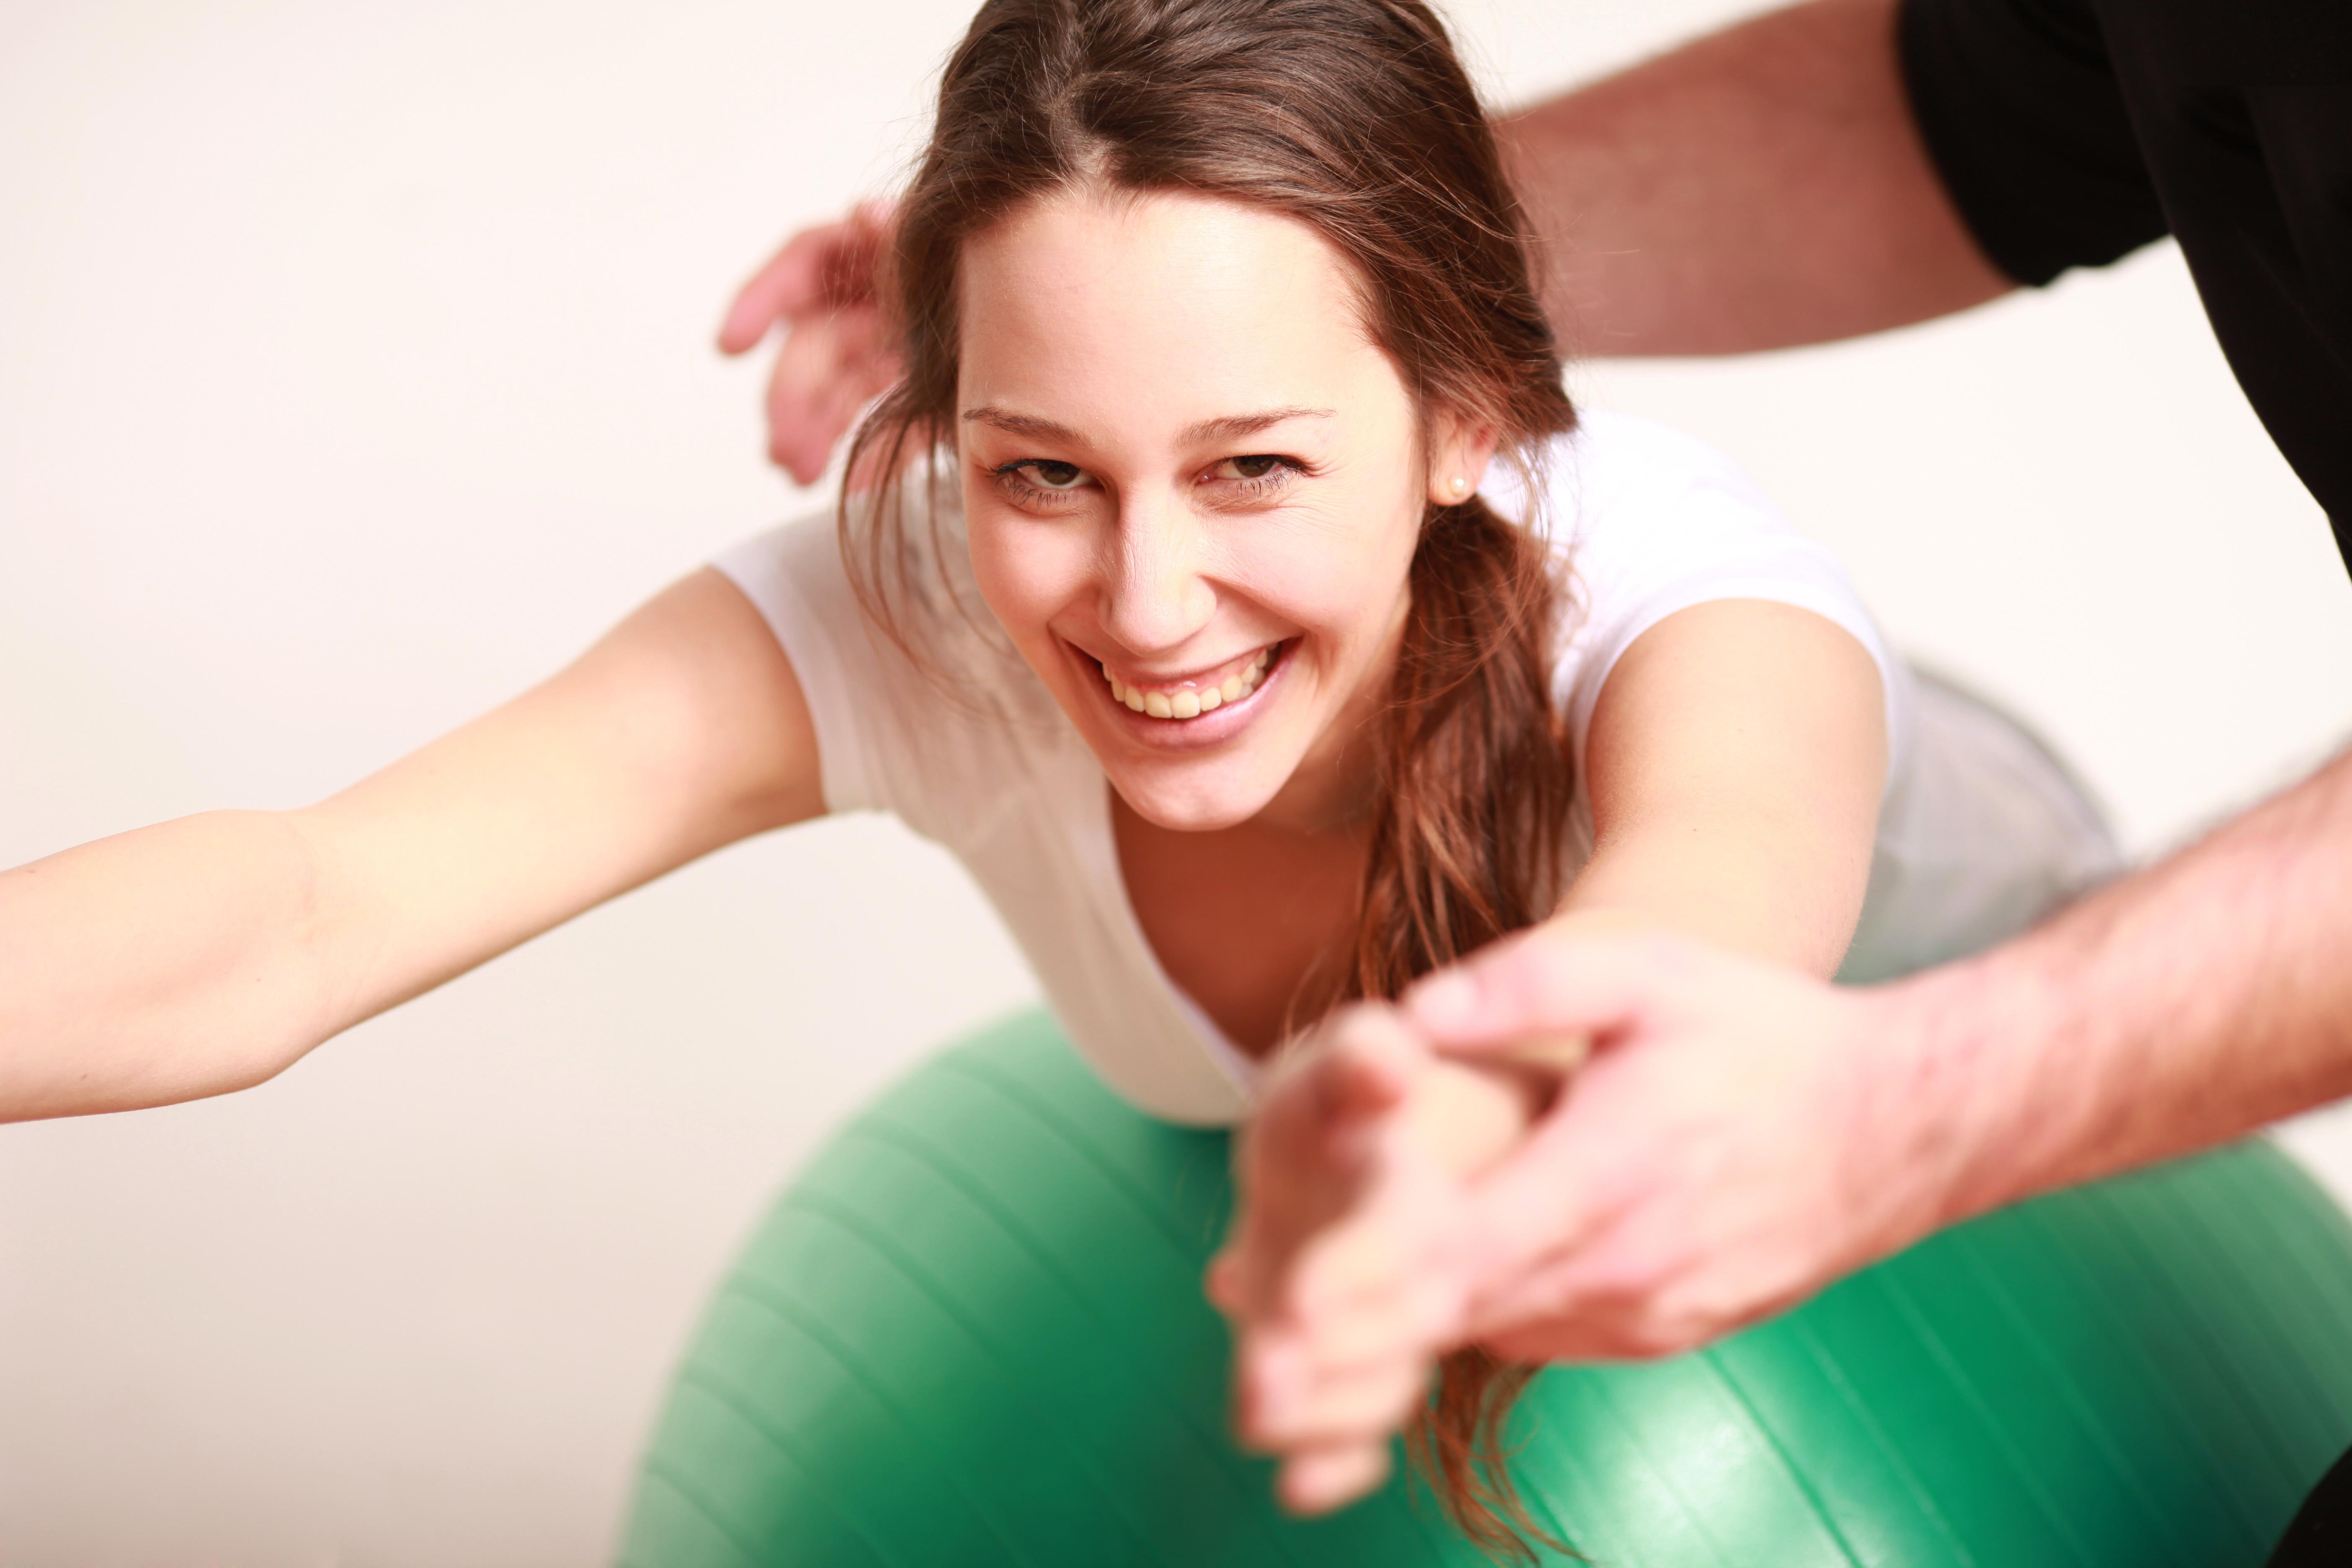 cerromed ginnastica posturale correttiva